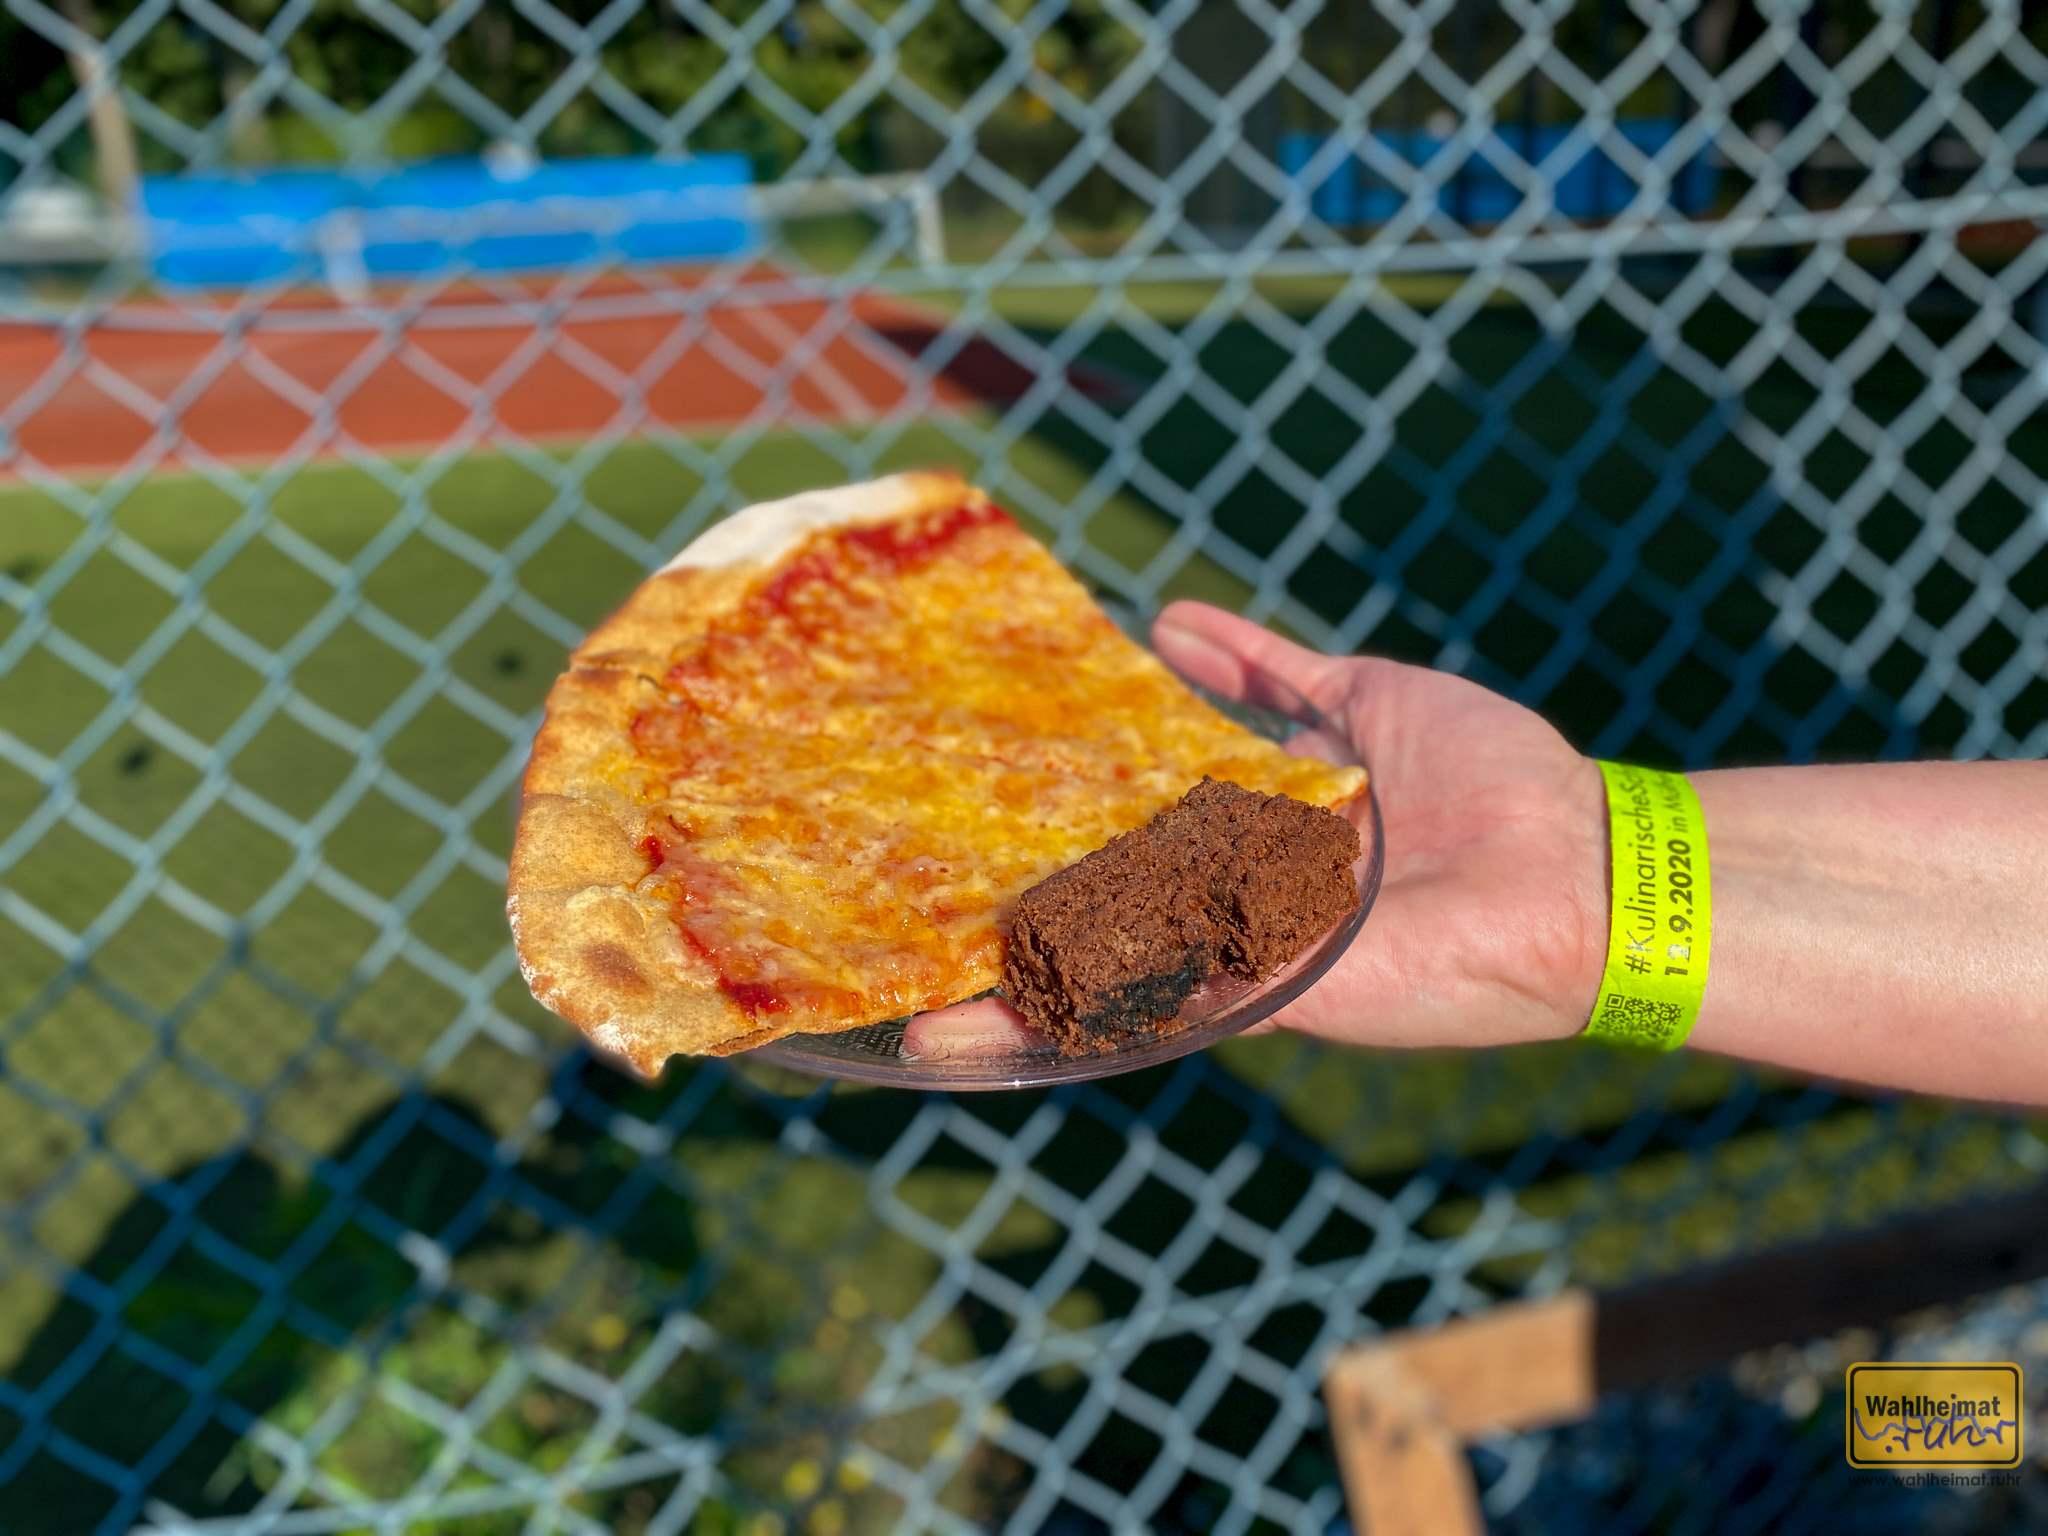 FAIR1-HEiM an der Mintarder Straße - direkt vis-a-vis vom Tenniscourt gibt es Dinkelvollkornpizza und Bananenbrot